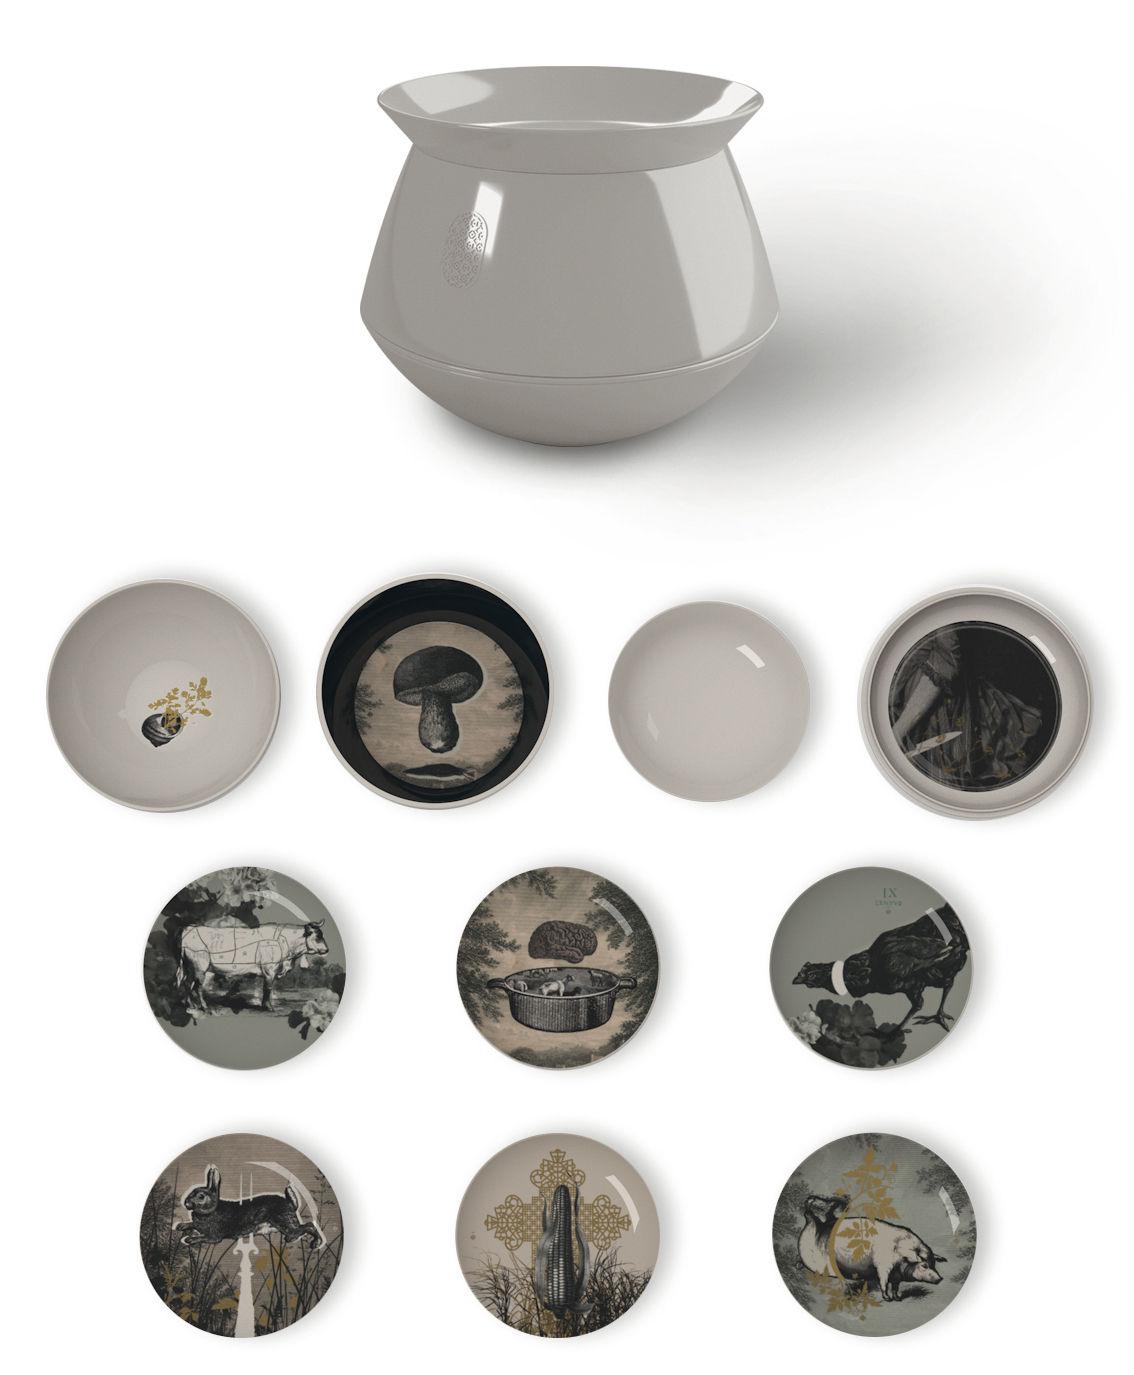 service de table luso d 39 antan 10 pi ces empilable ext rieur blanc int rieur motifs ibride. Black Bedroom Furniture Sets. Home Design Ideas